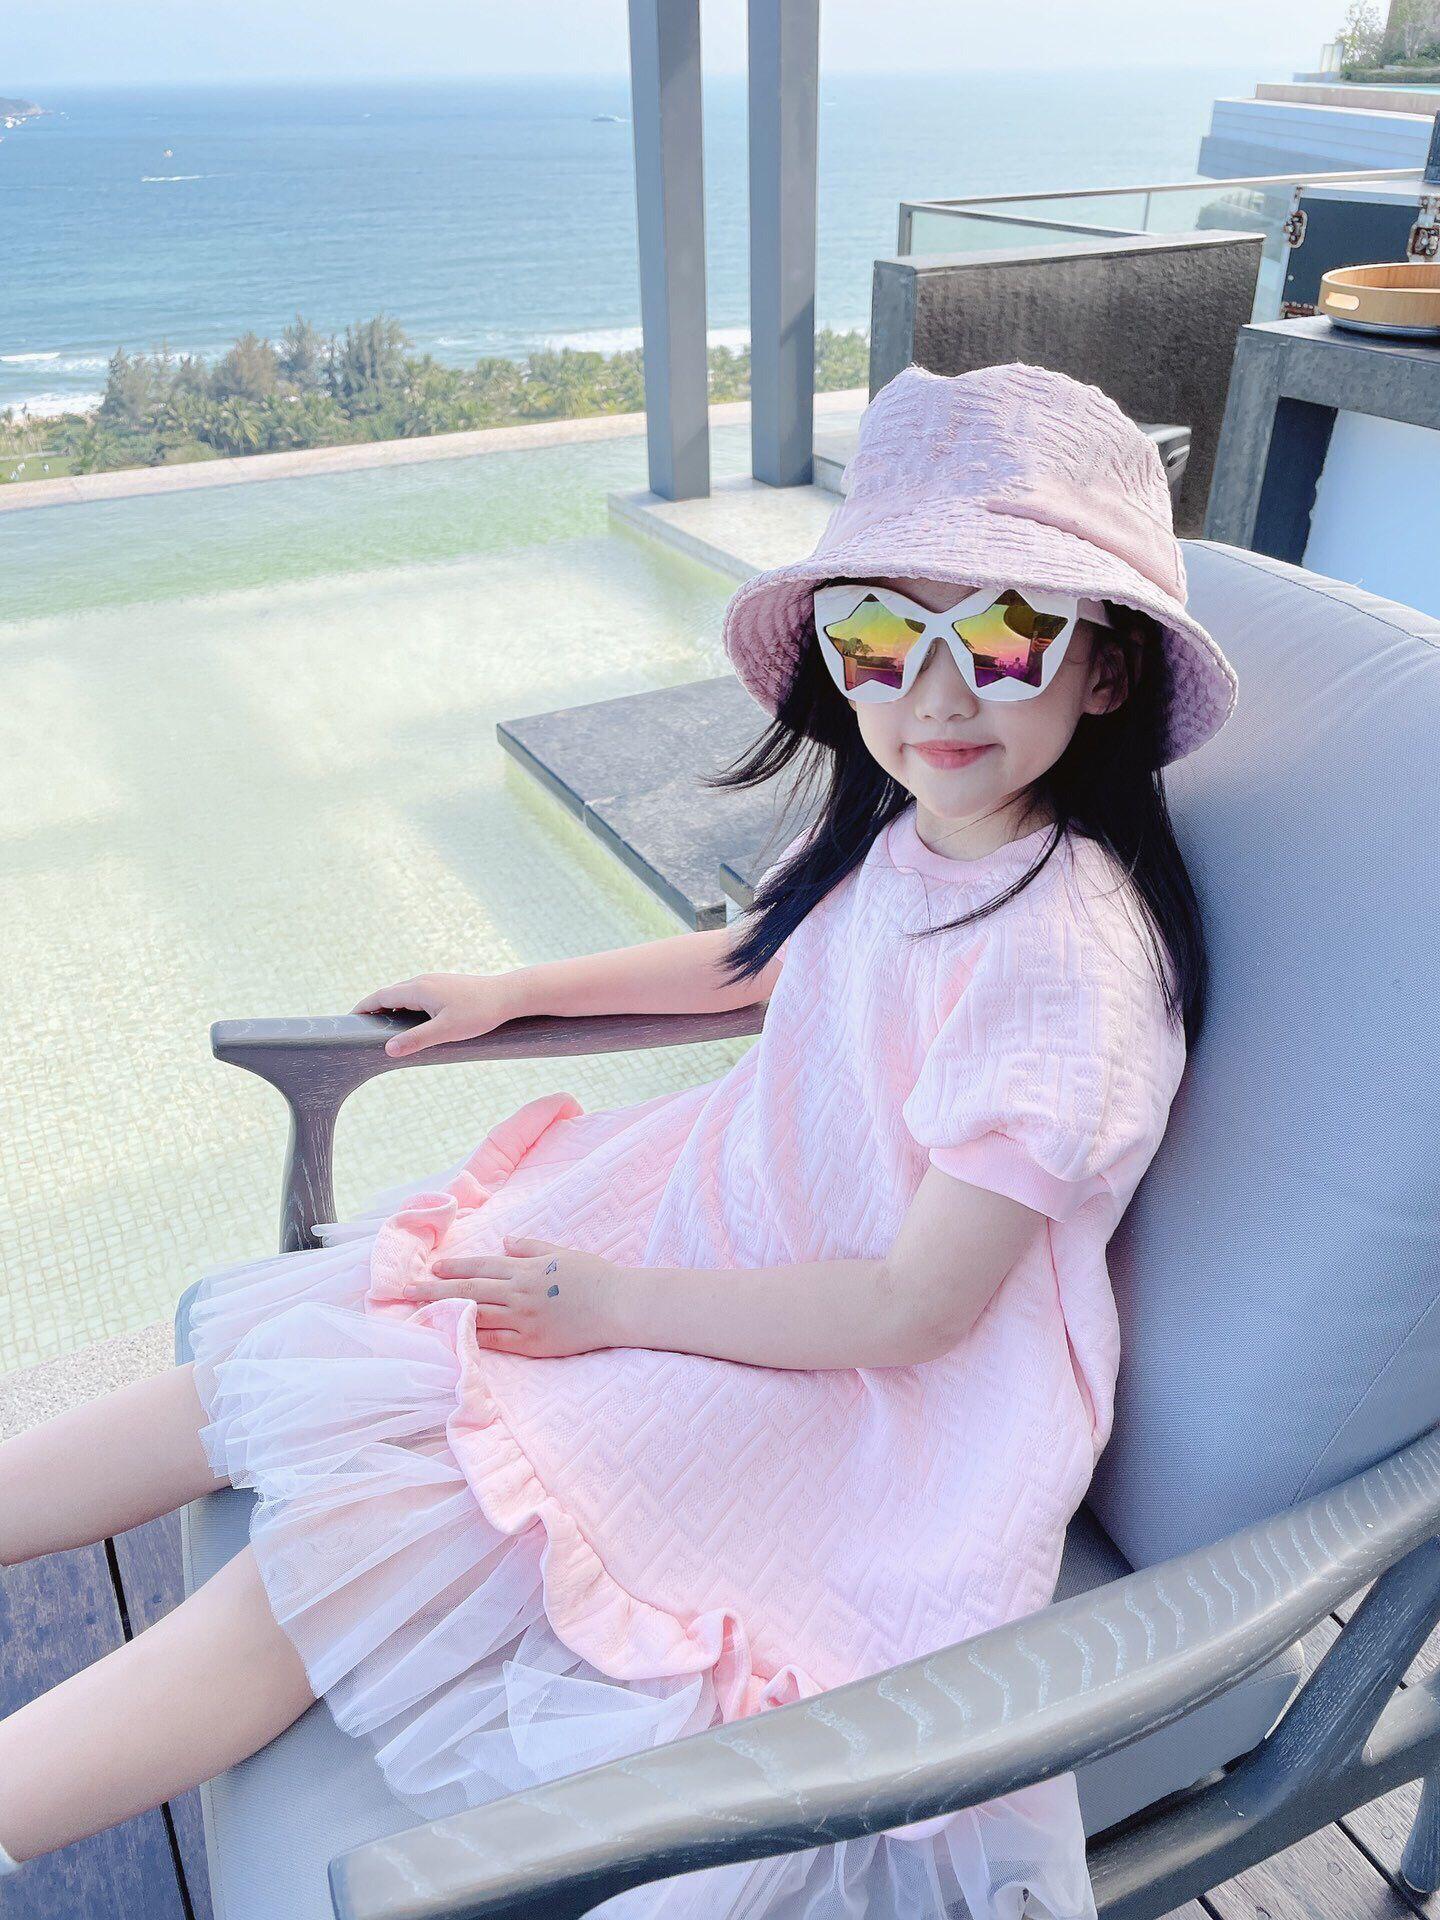 2021 Yüksek Kalite Yeni Yaz Moda Kızlar Prenses Elbise Zarif Bebek Kız Dantel Elbise Çocuk Kız Doğum Günü Partisi Elbise Toddlers Giysileri